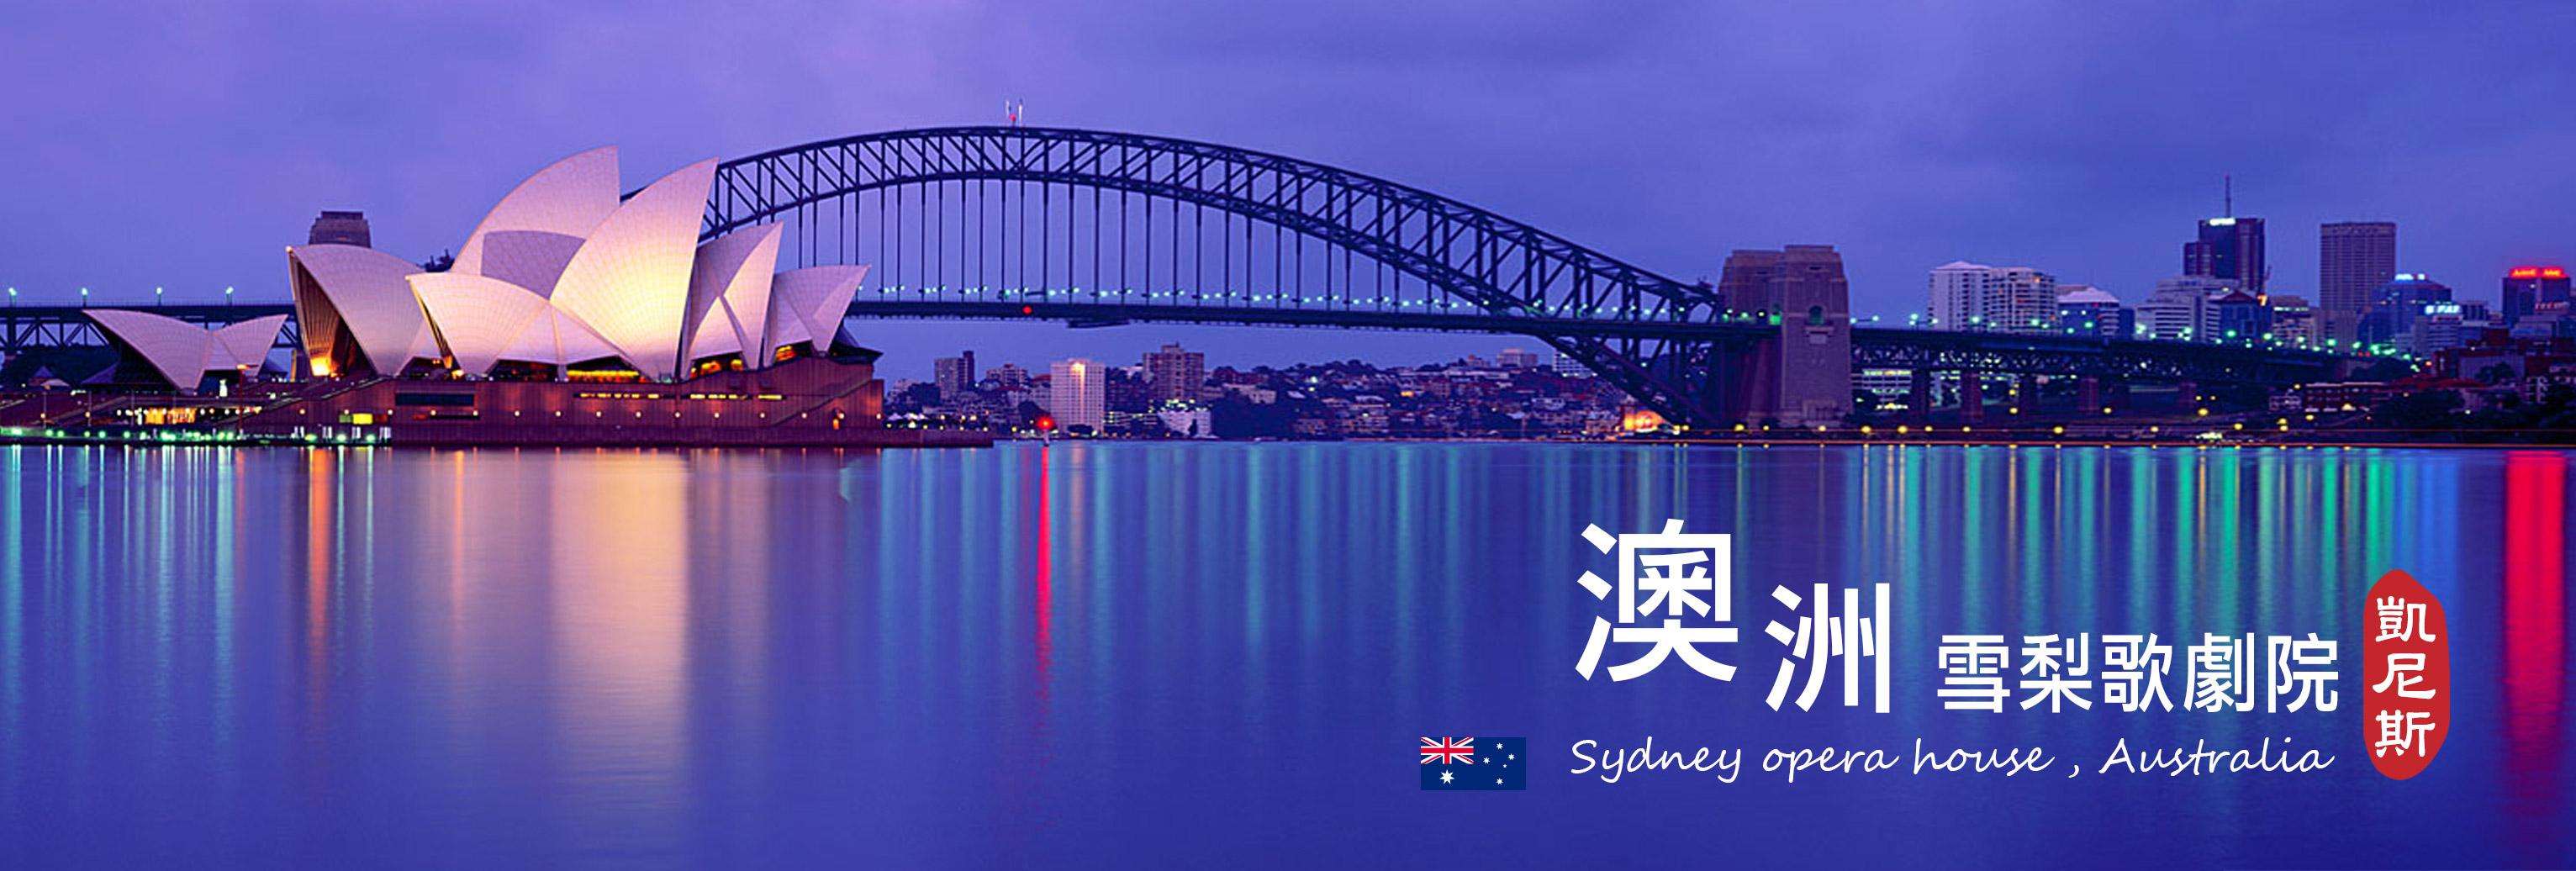 澳大利亚旅游旅游需要注意的问题,如何办理澳大利亚旅游旅游签证?